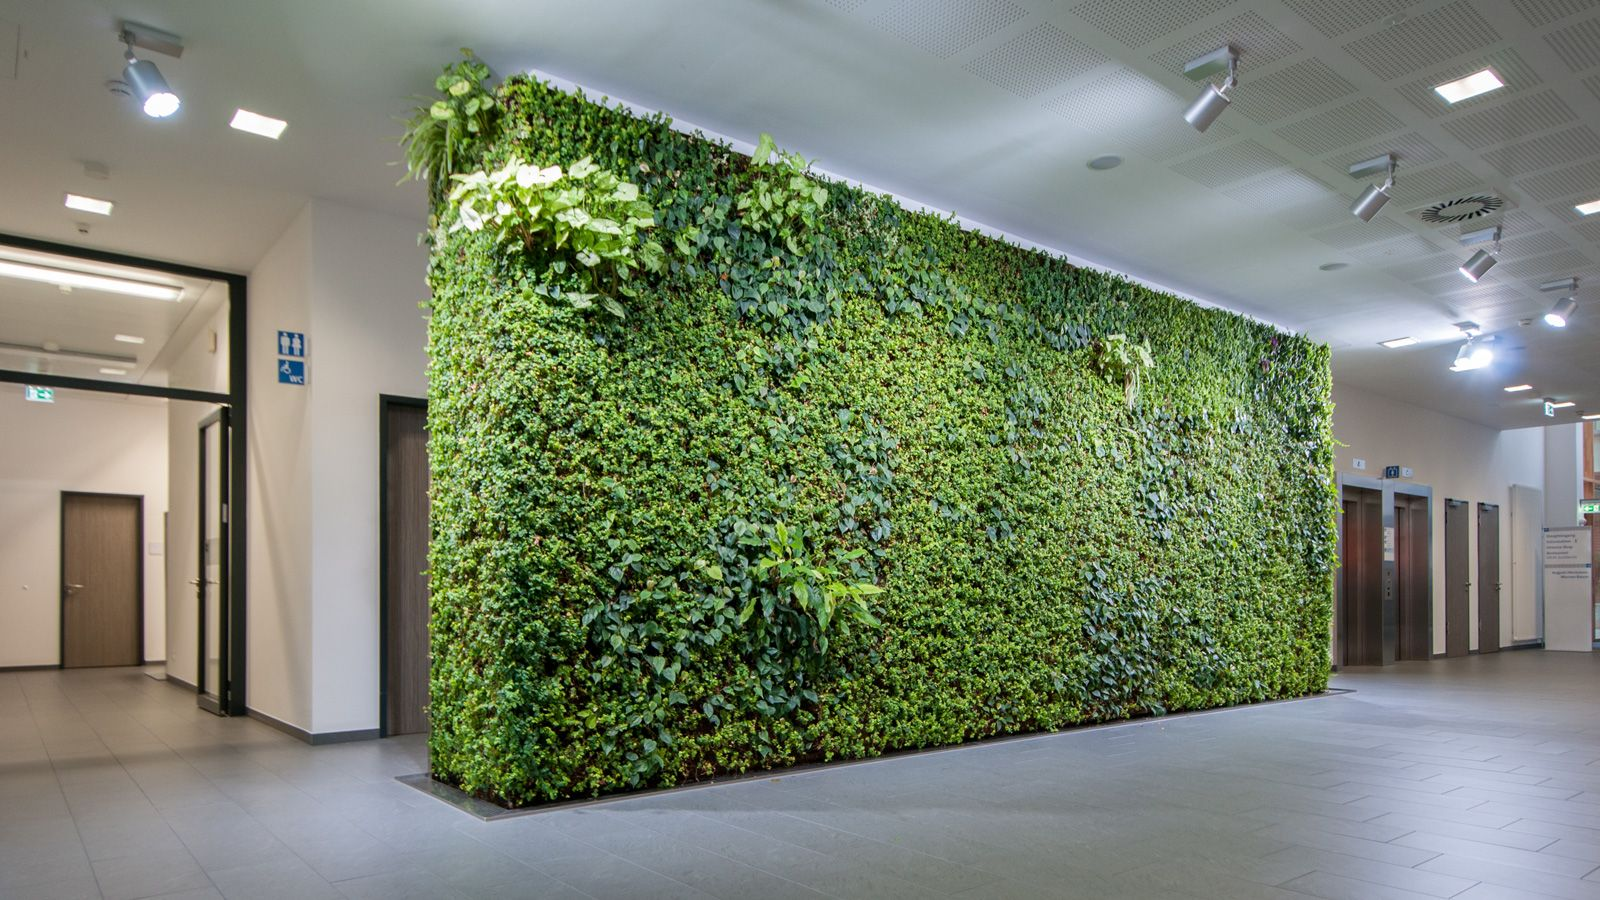 Orthopädische Klinik Markgröningen: Die Grüne Wand ist auch für ...